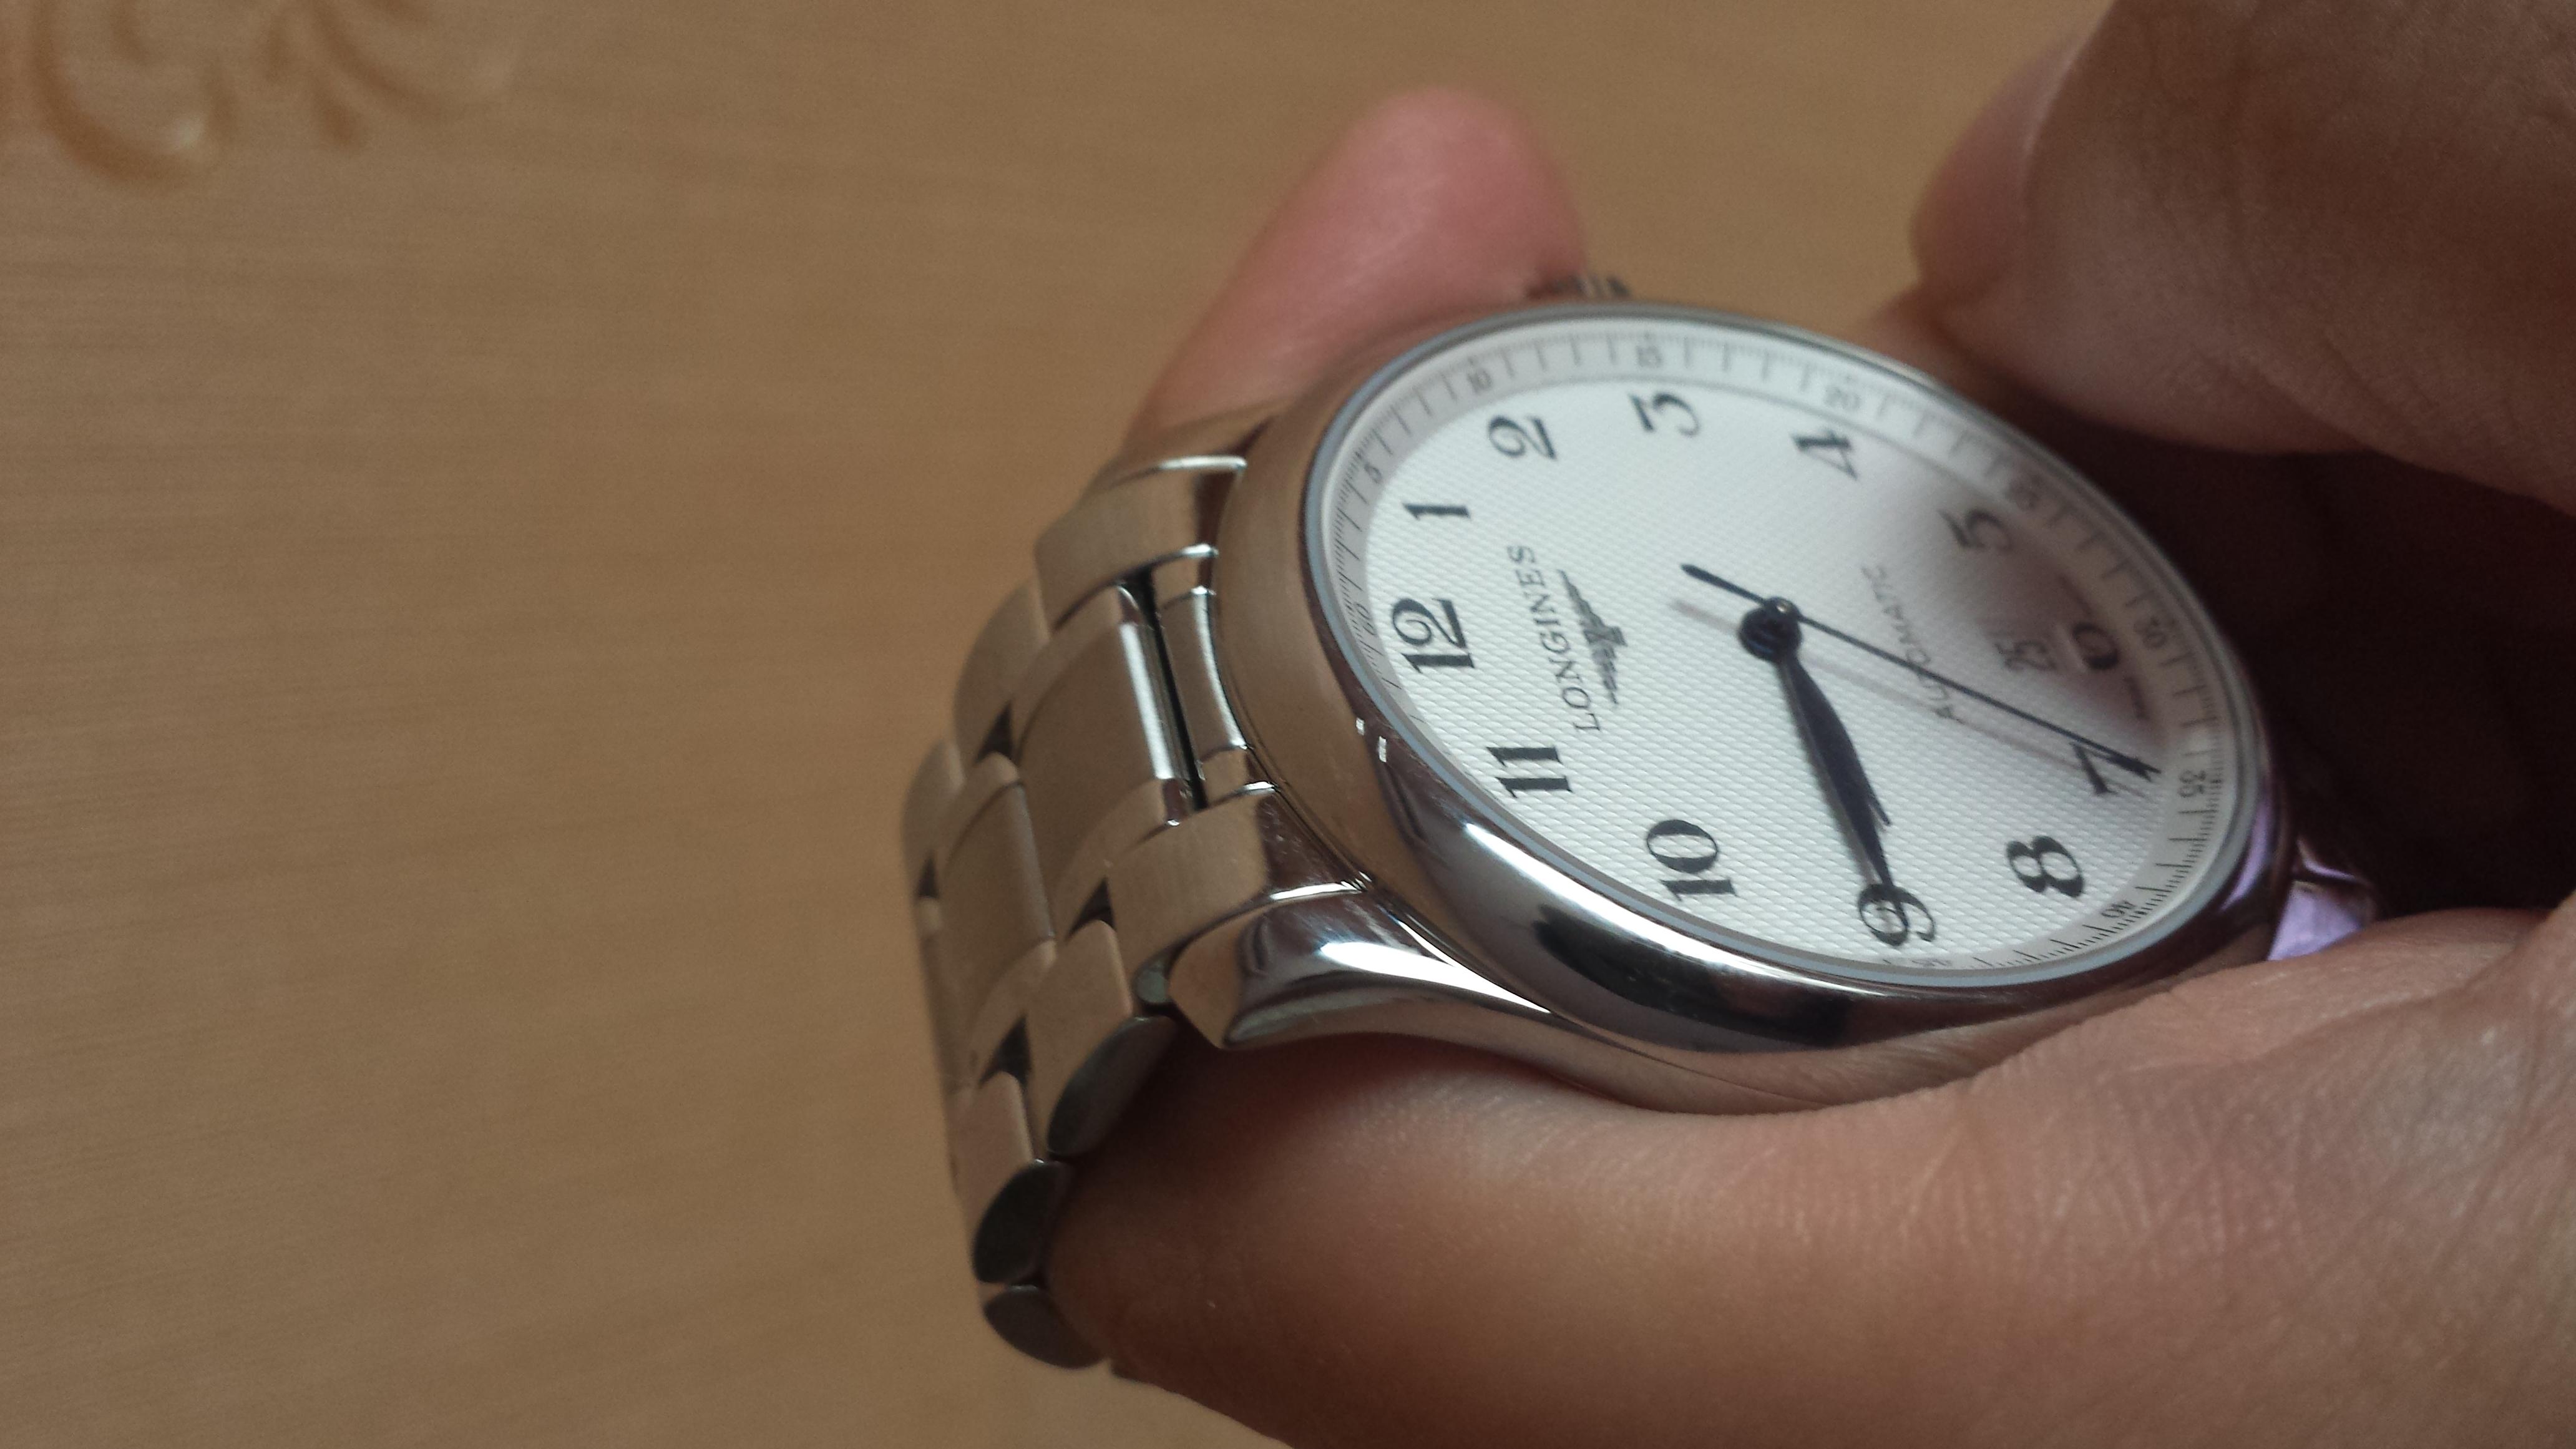 浪琴L2.628.4.78.6手表【表友晒单作业】22号定的...